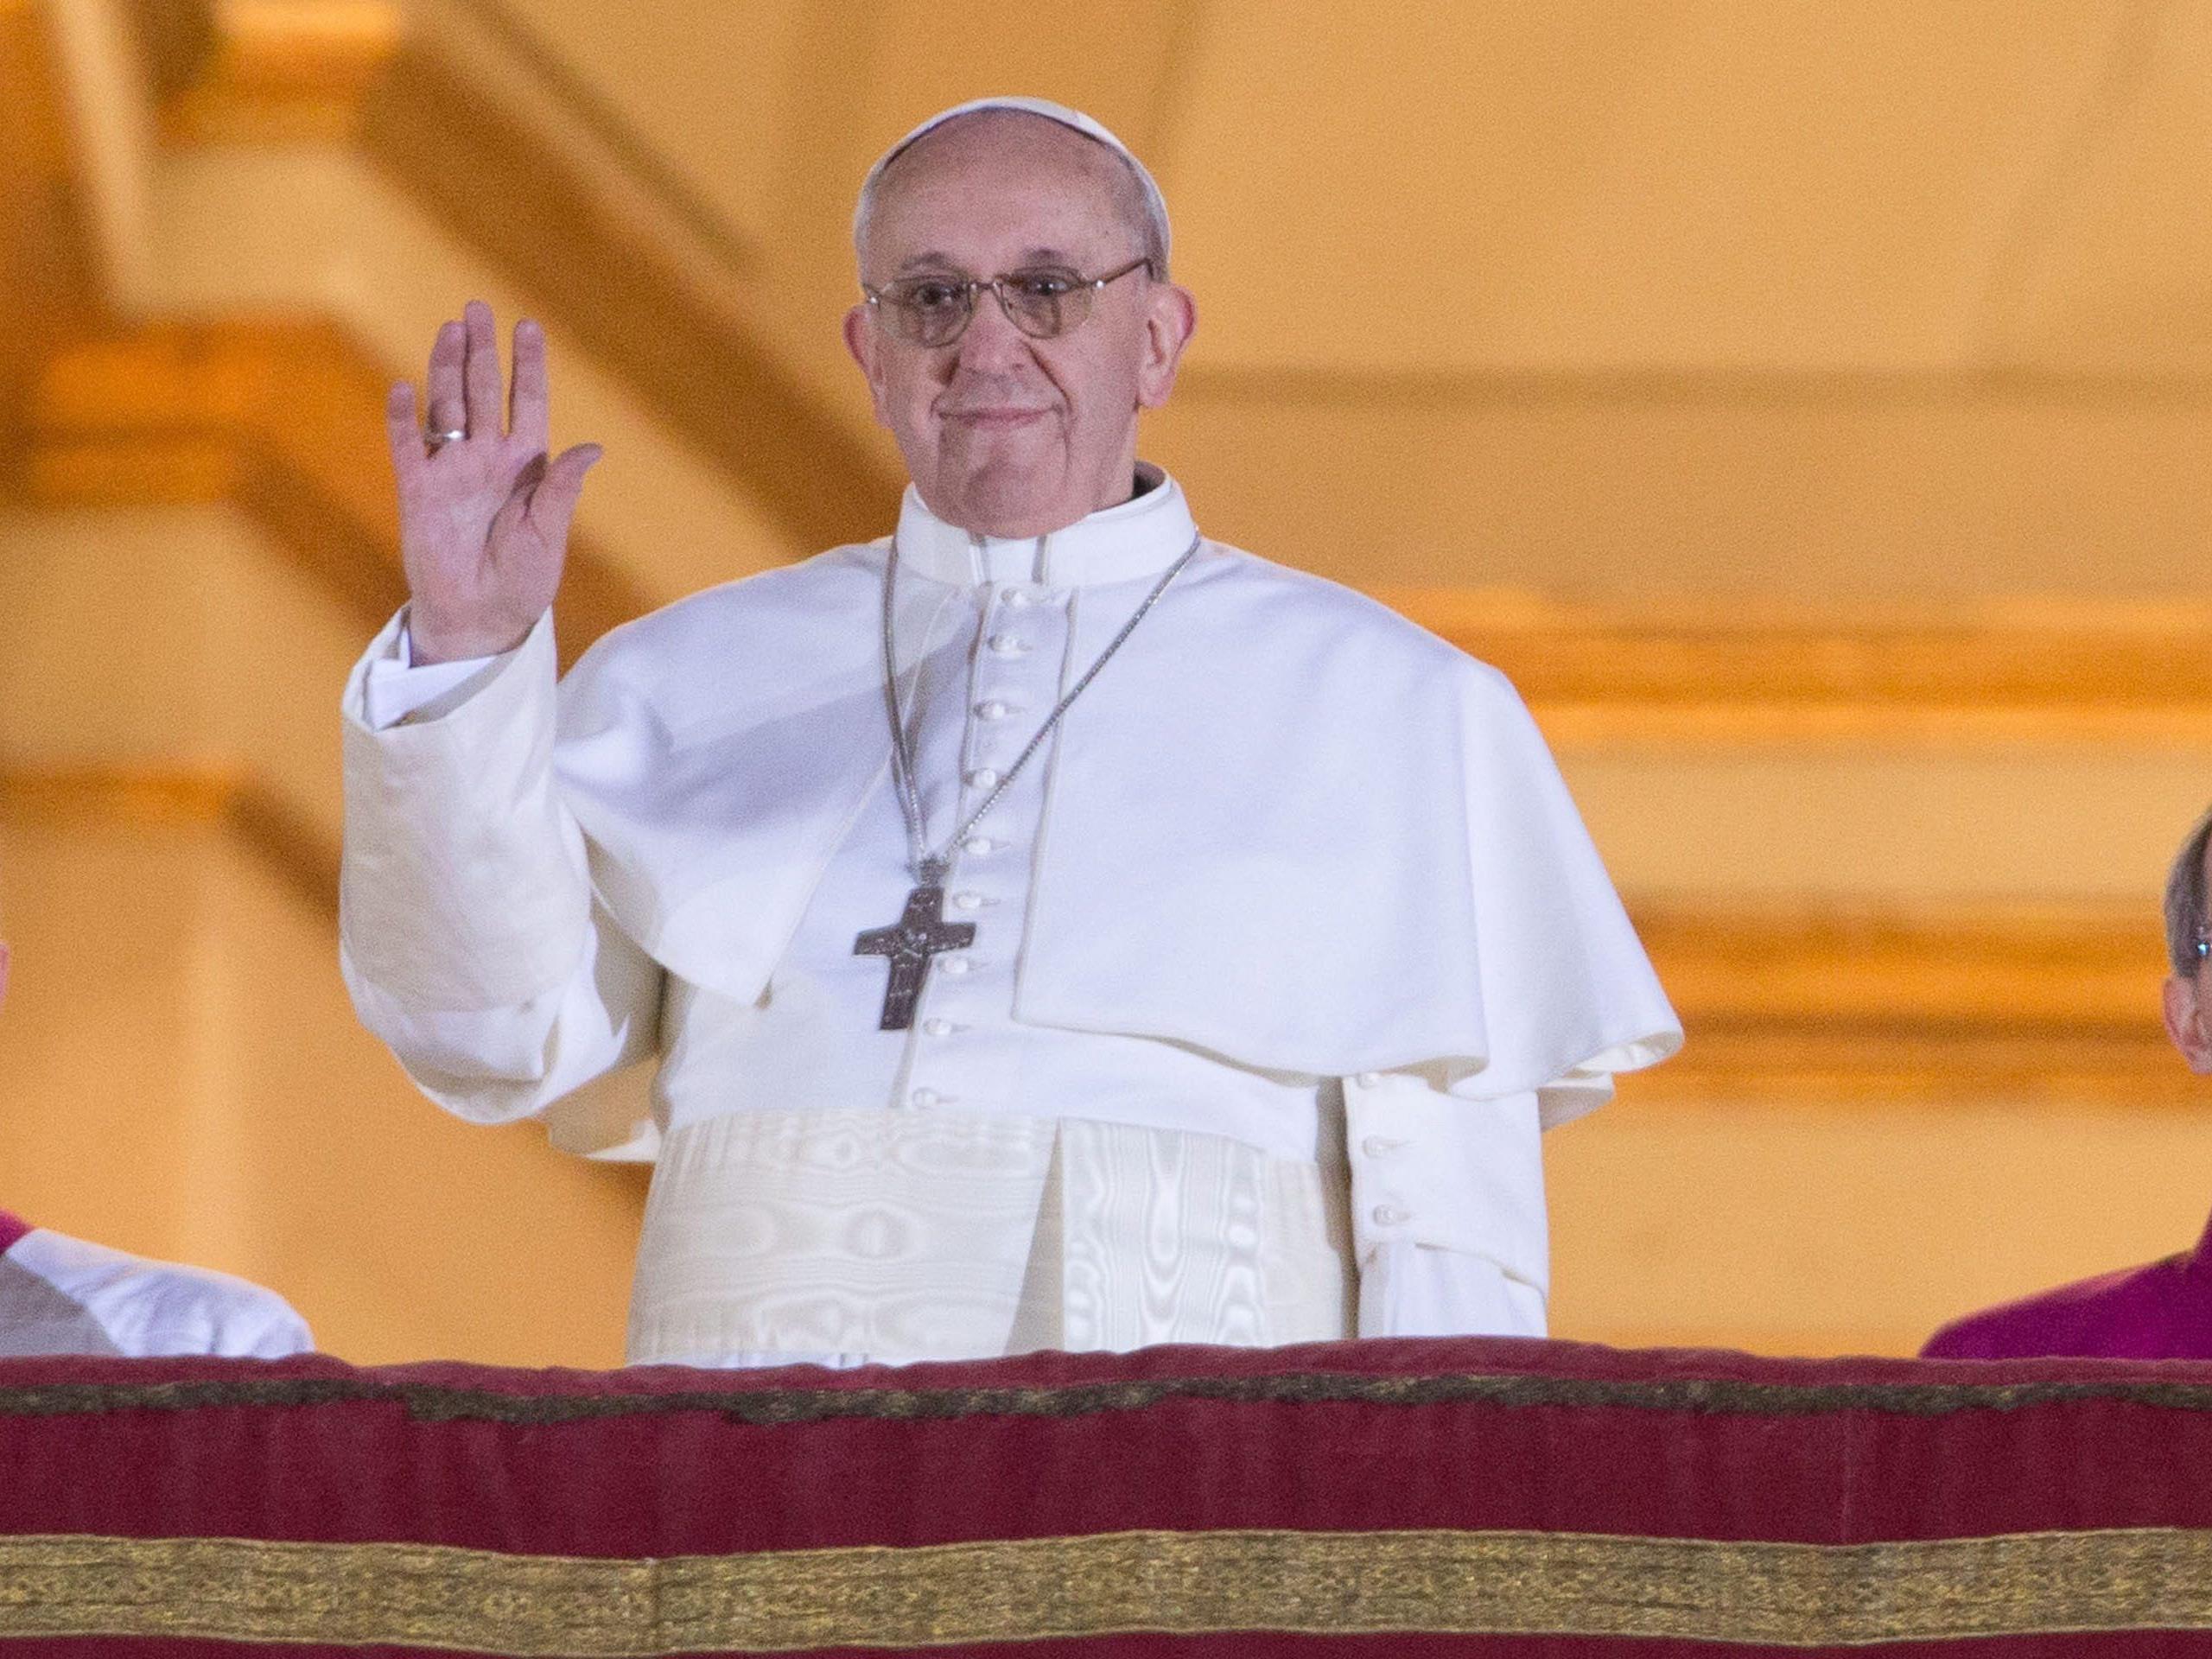 Papst Franziskus lächelte und bedankte sich bei dem Mädchen